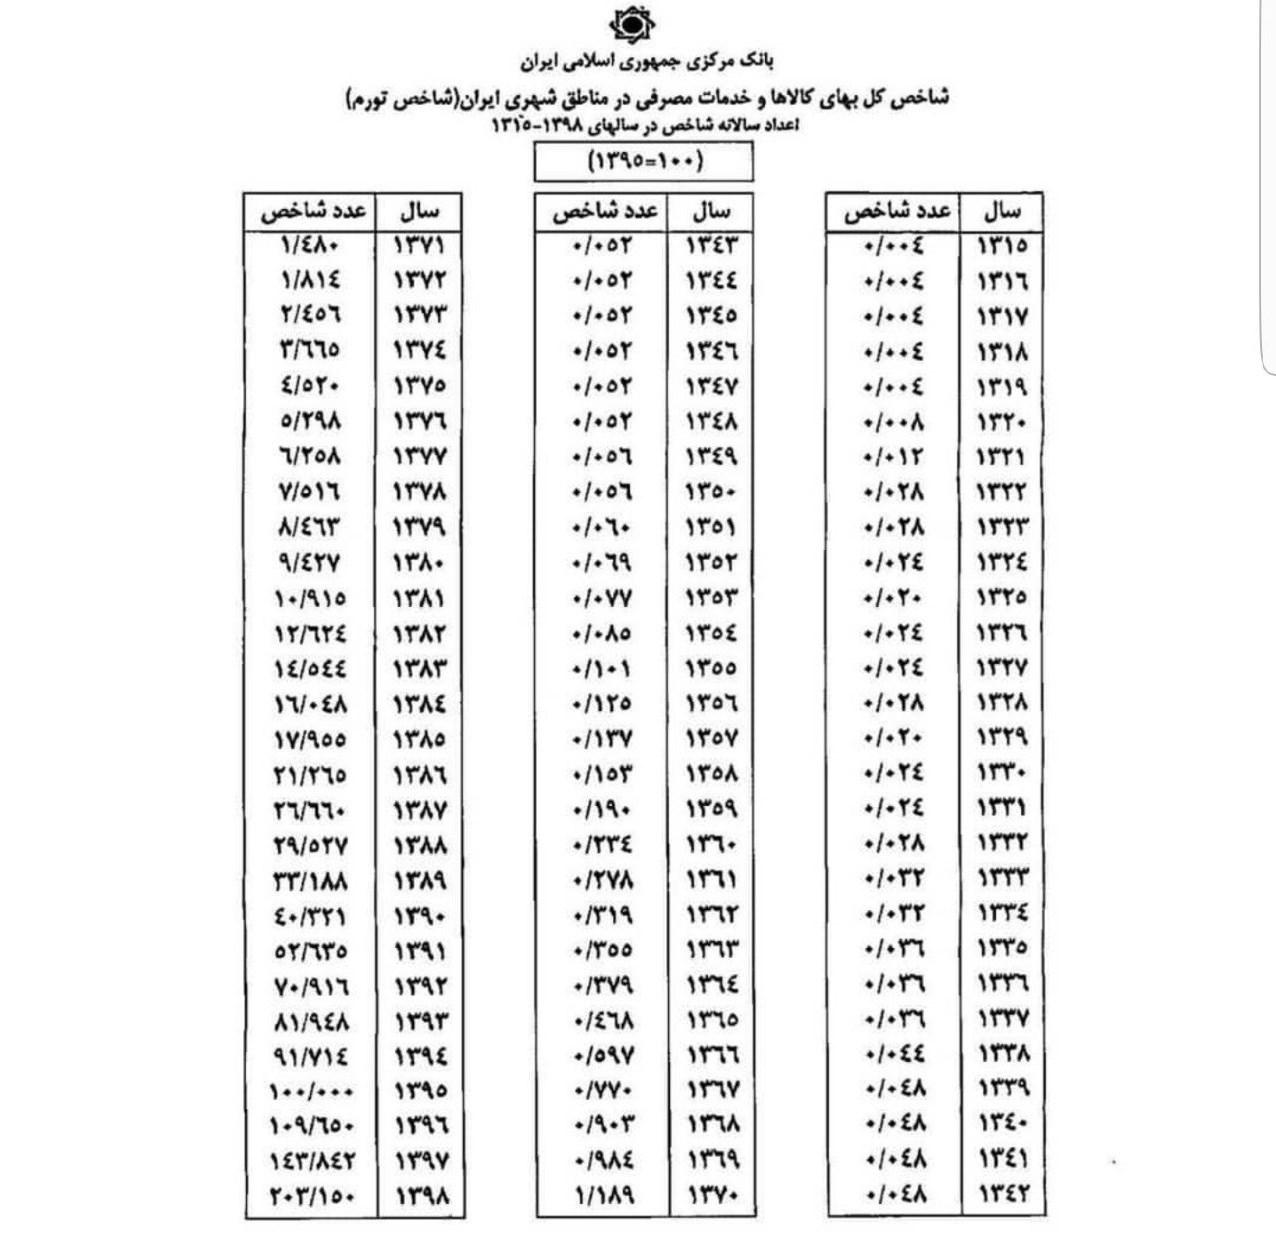 بانک مرکزی , نرخ تورم , حسن روحانی , عبدالناصر همتی | همتی ,